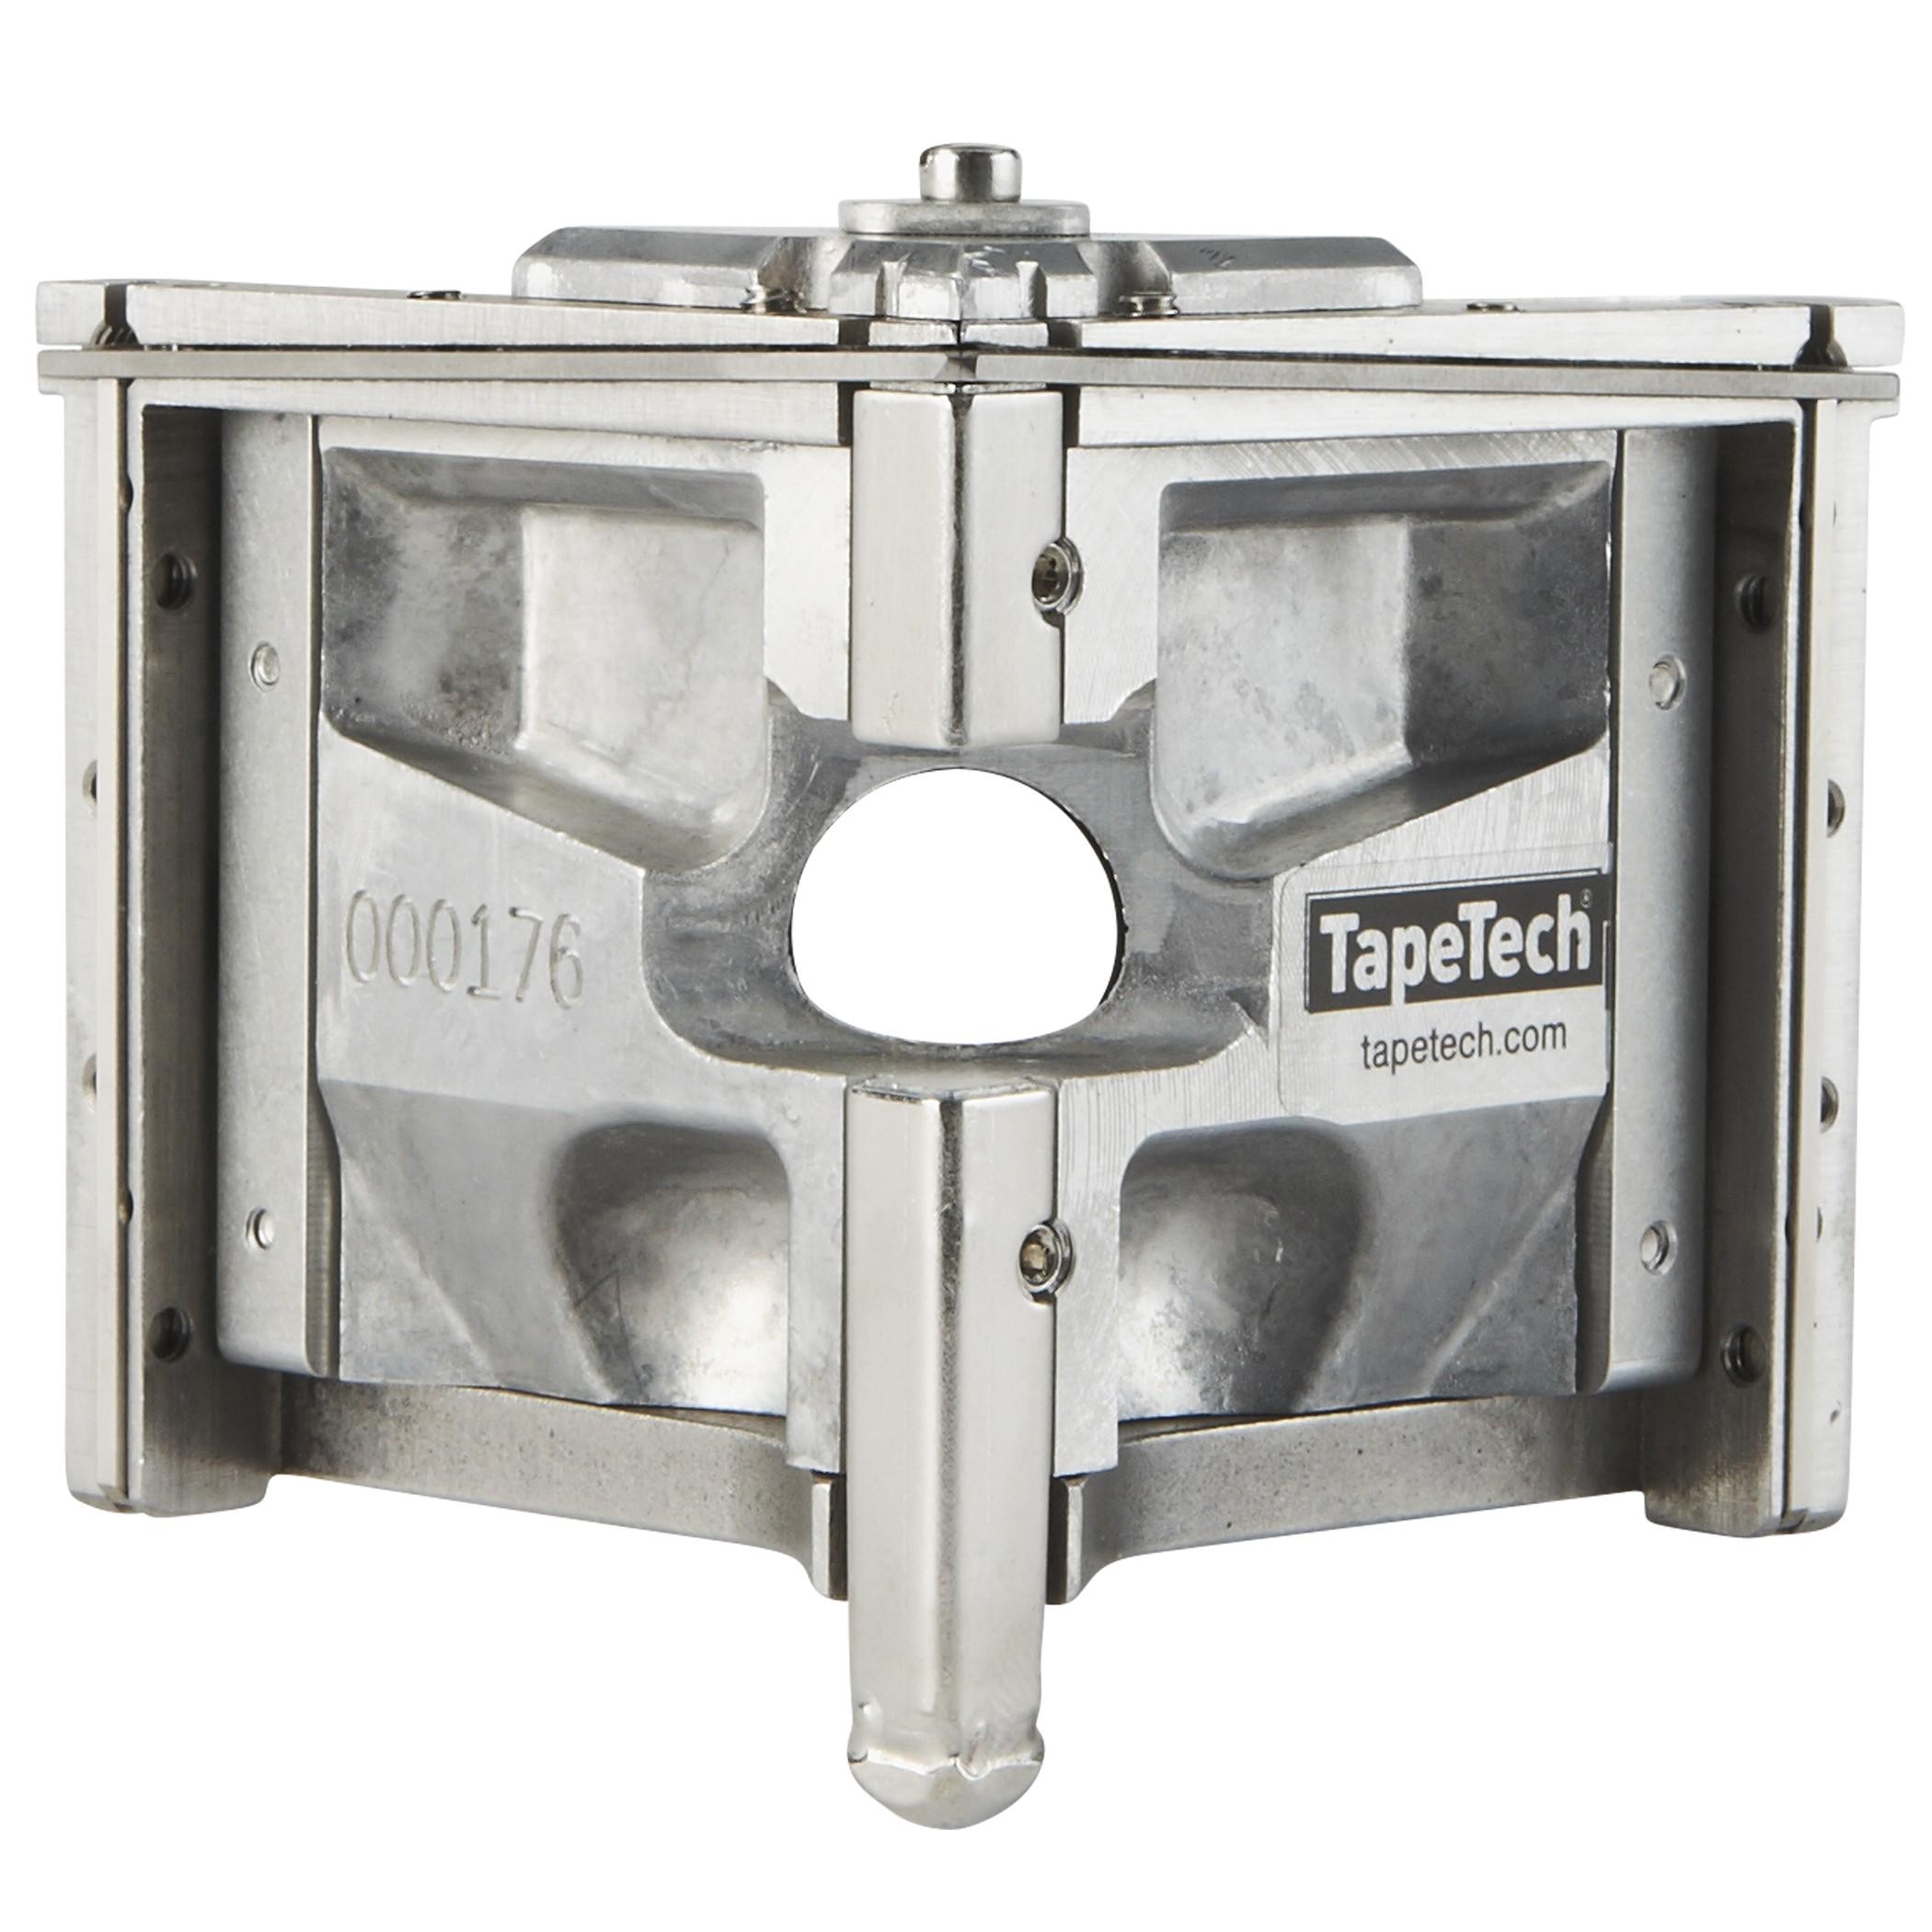 TapeTech 2.5